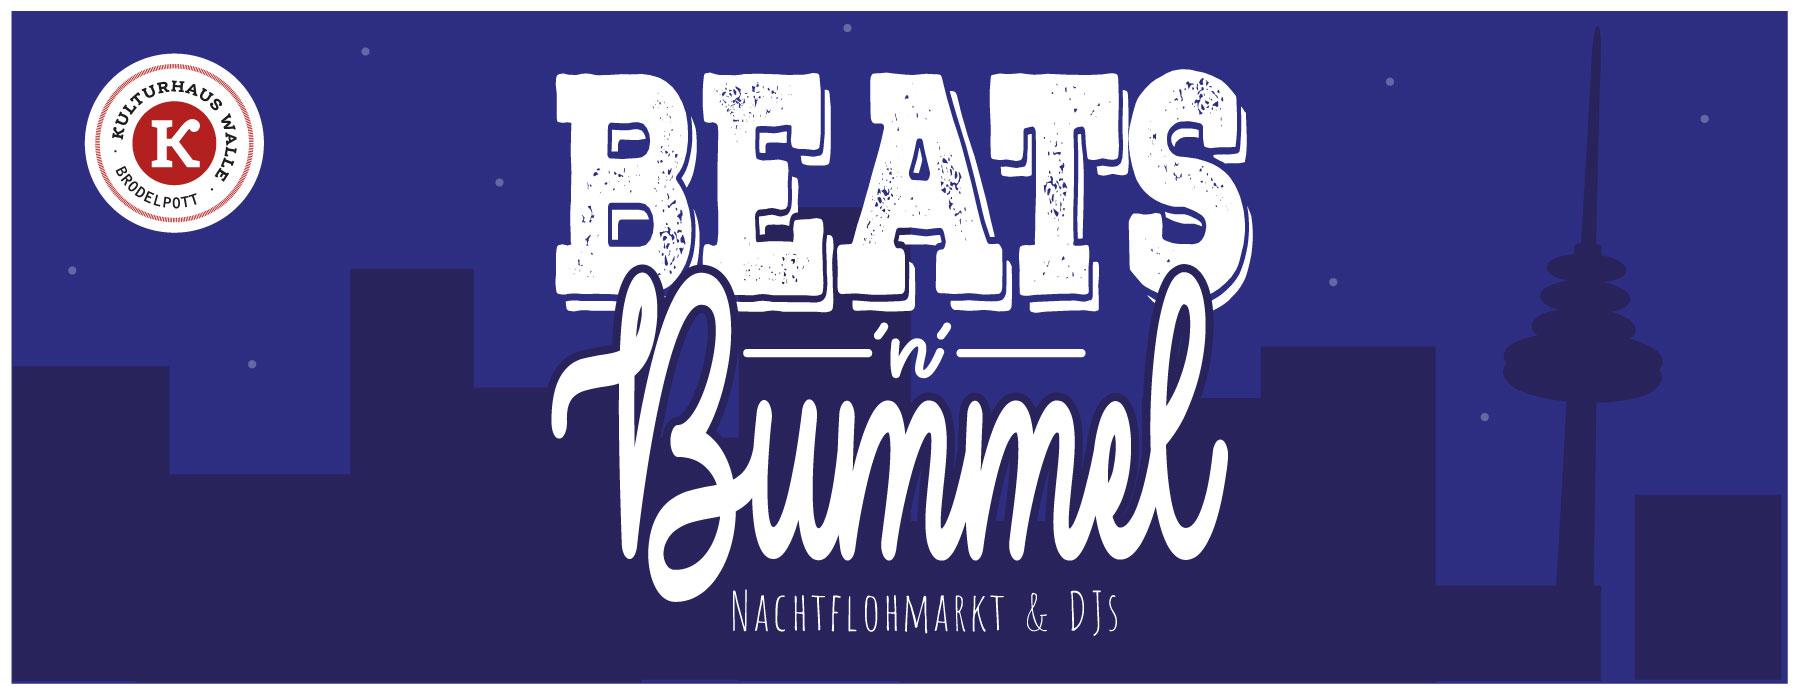 Beats & Bummel Nachtflohmarkt